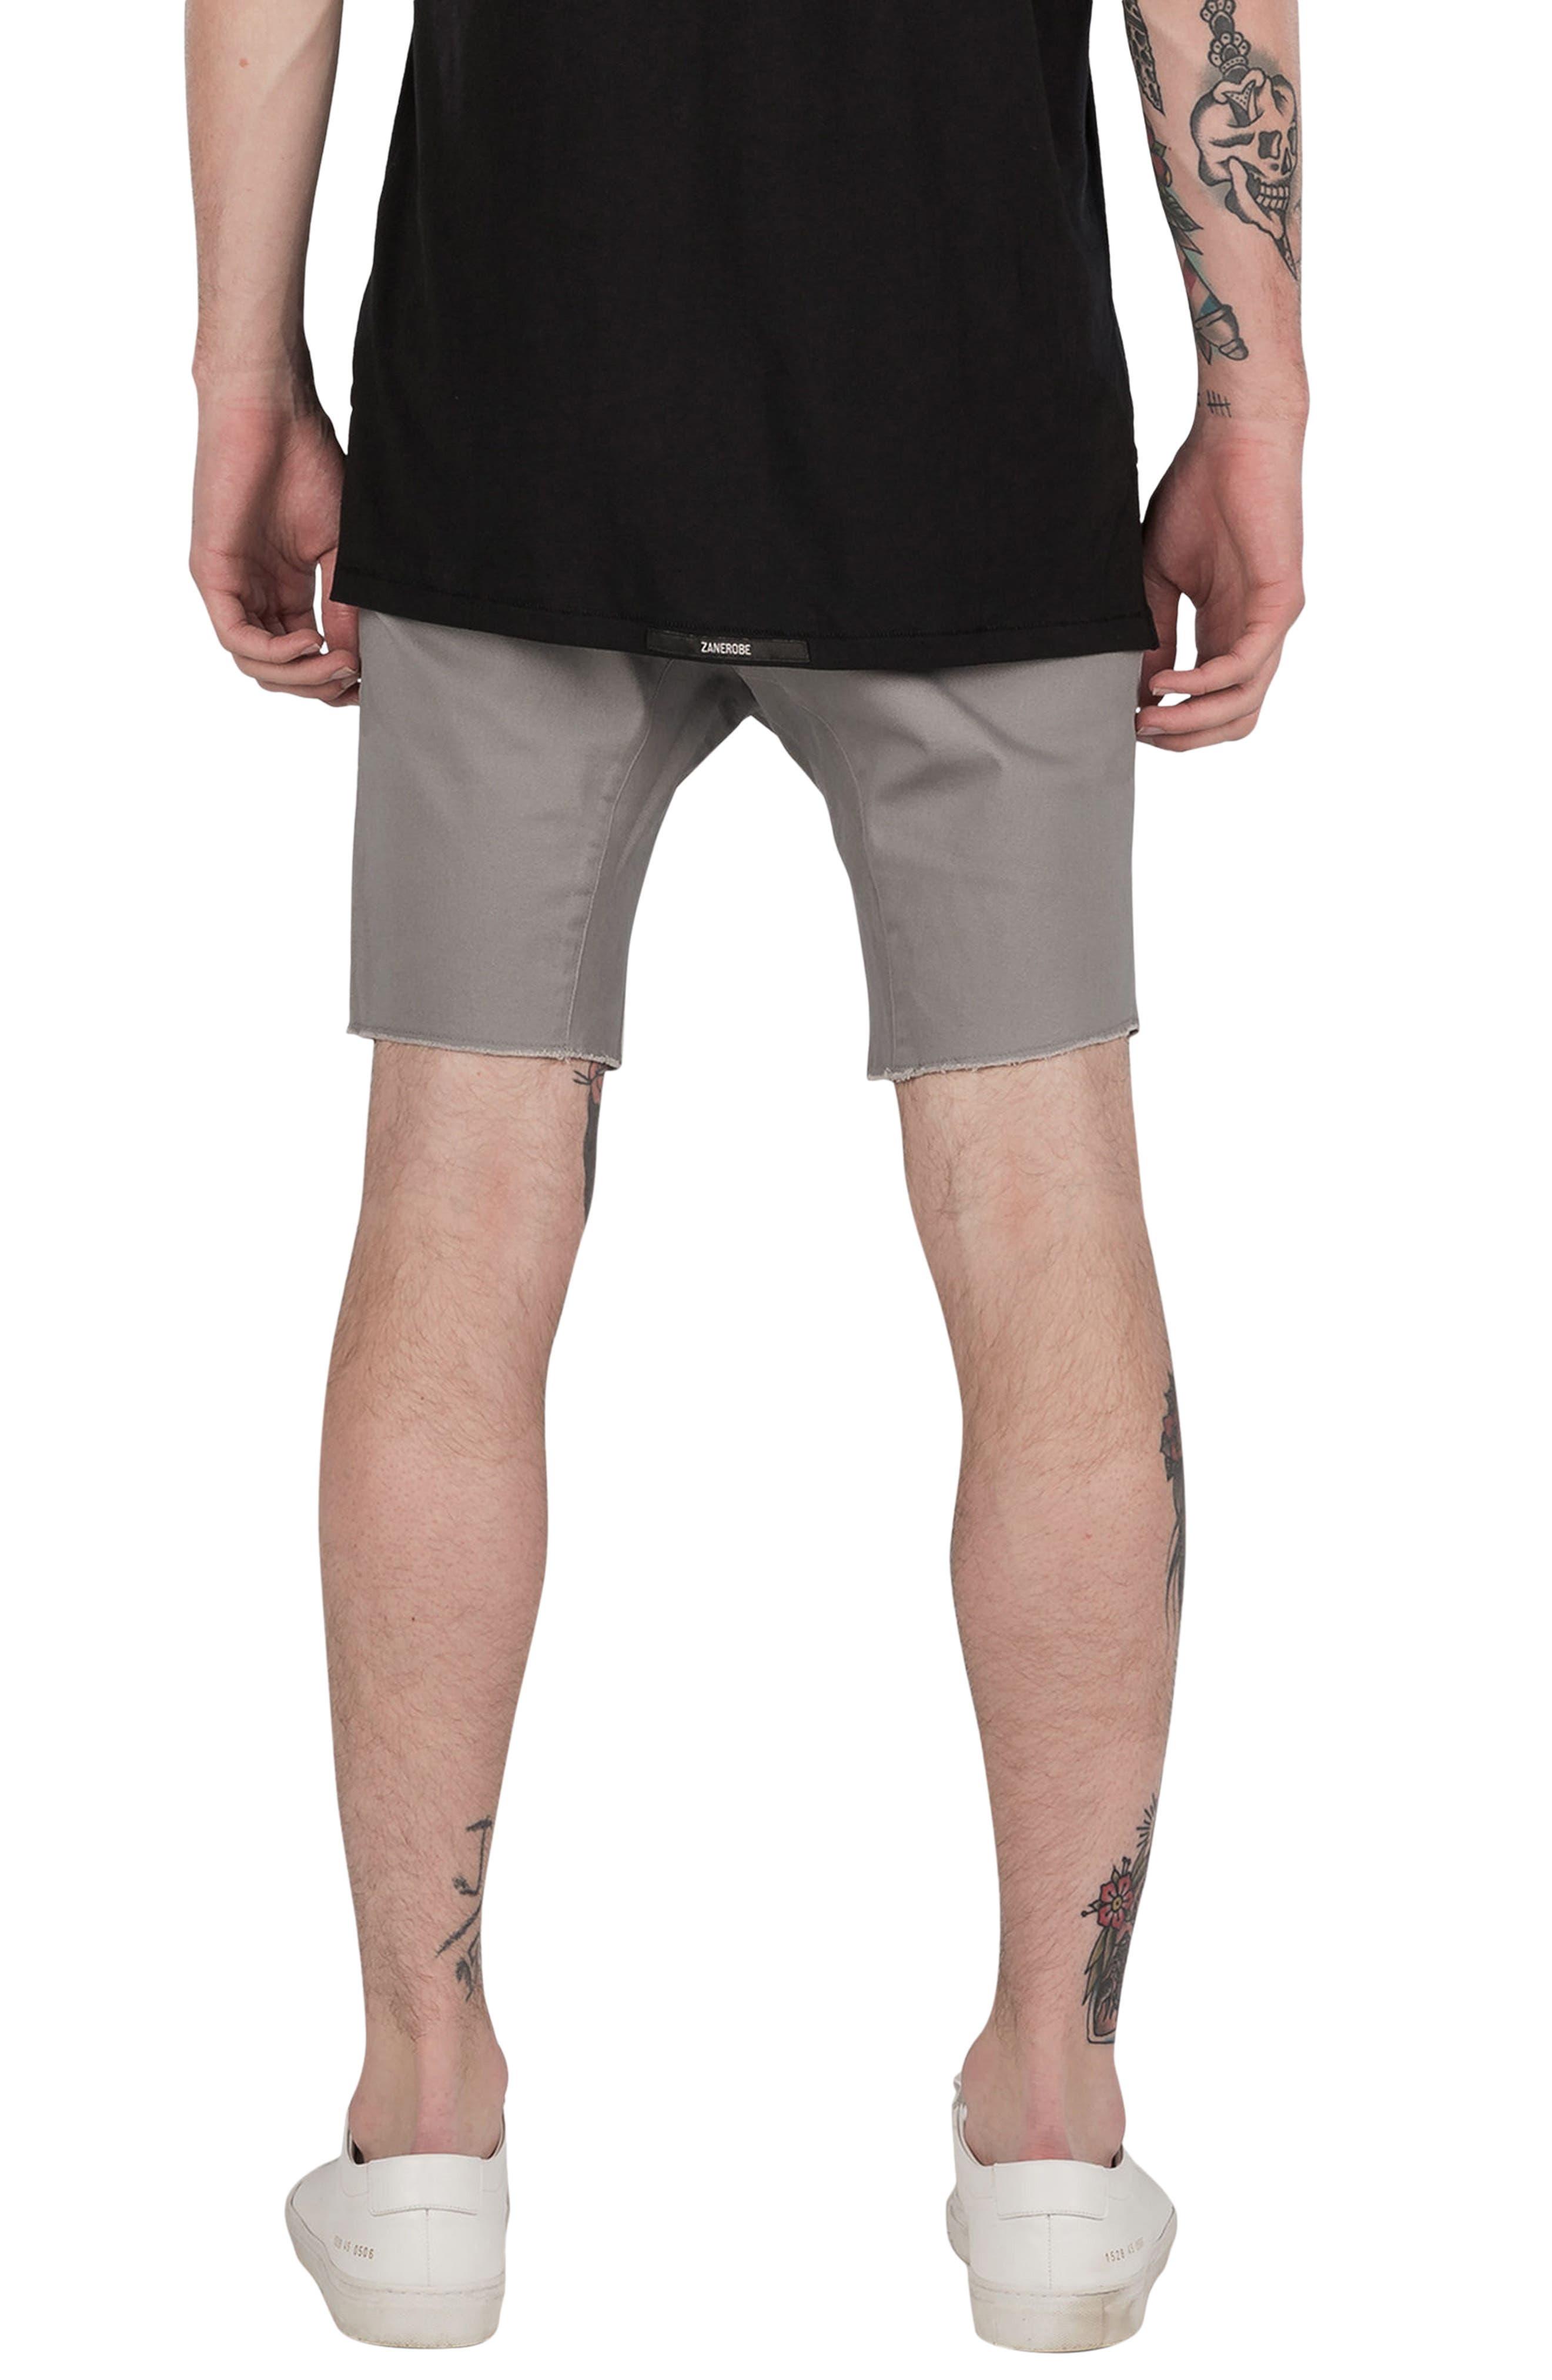 Sureshot Shorts,                             Alternate thumbnail 2, color,                             Cement